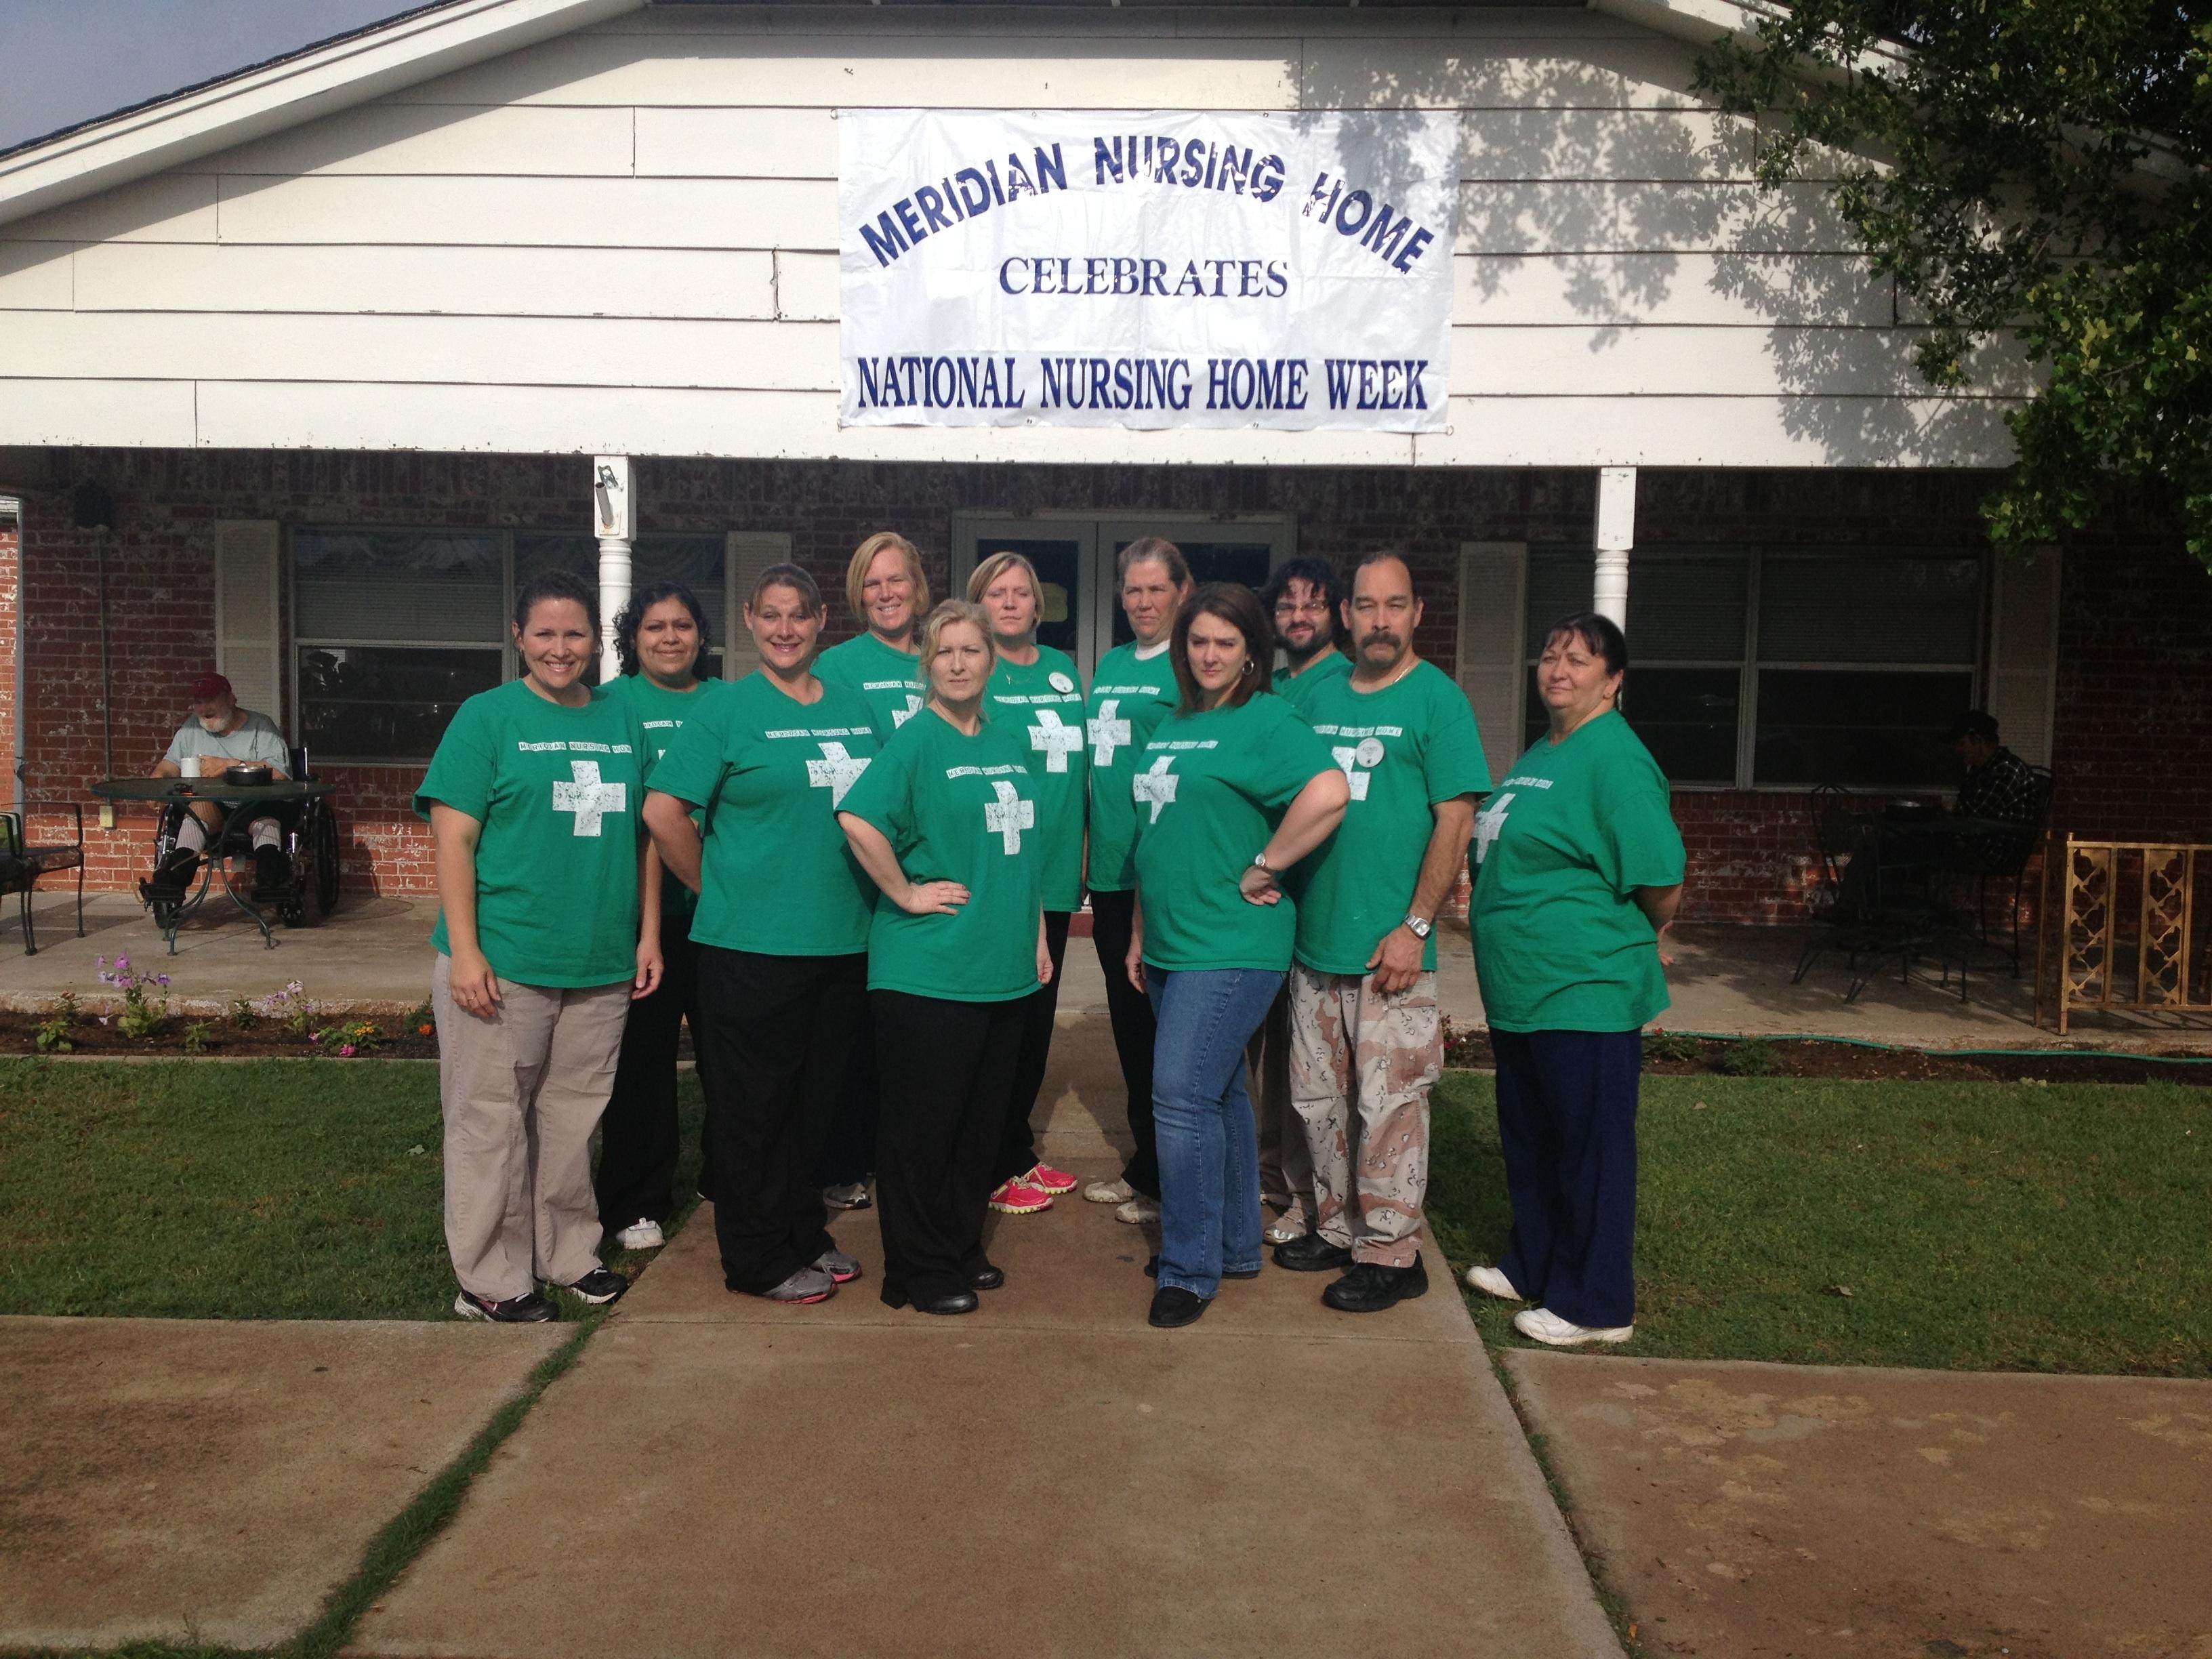 High Quality Nursing Home Week T Shirt Photo